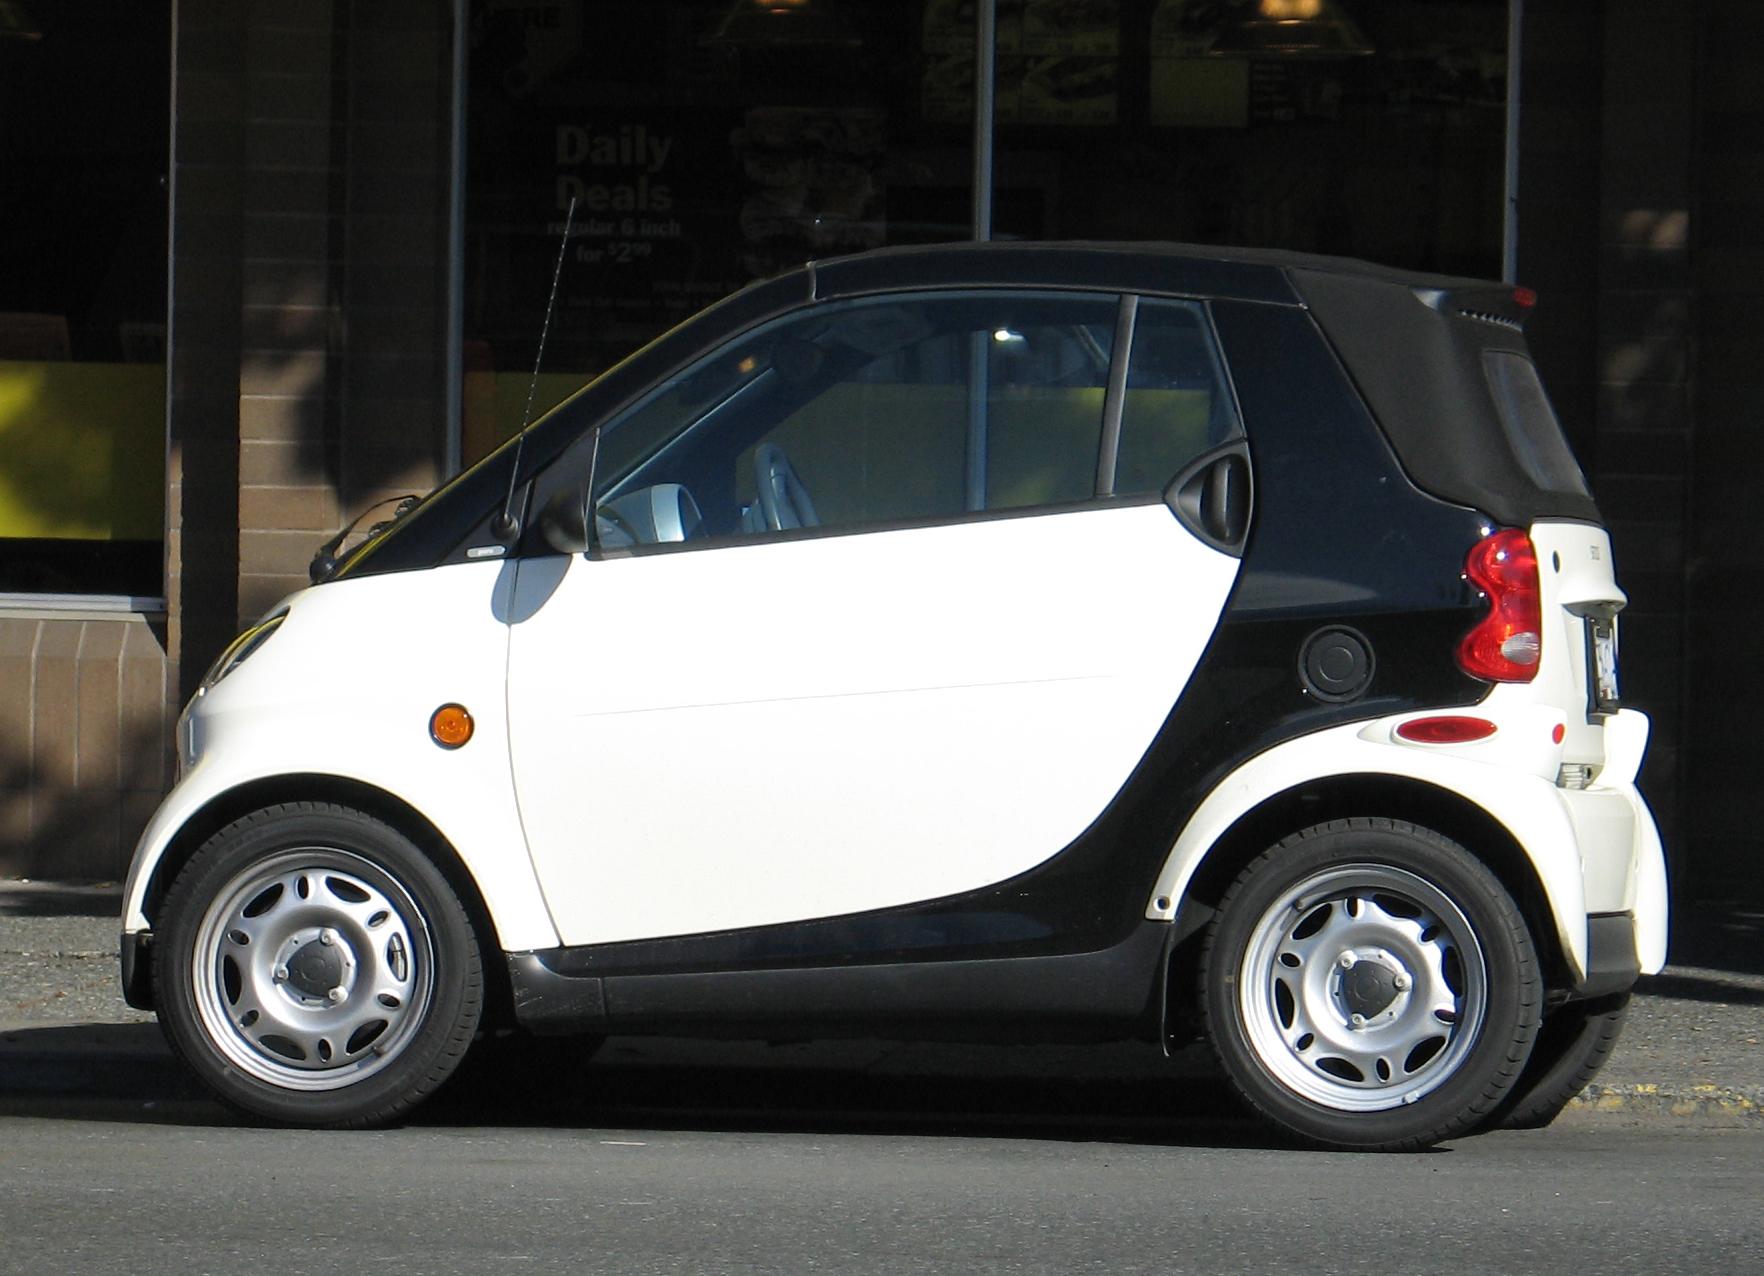 smart-car-1426512